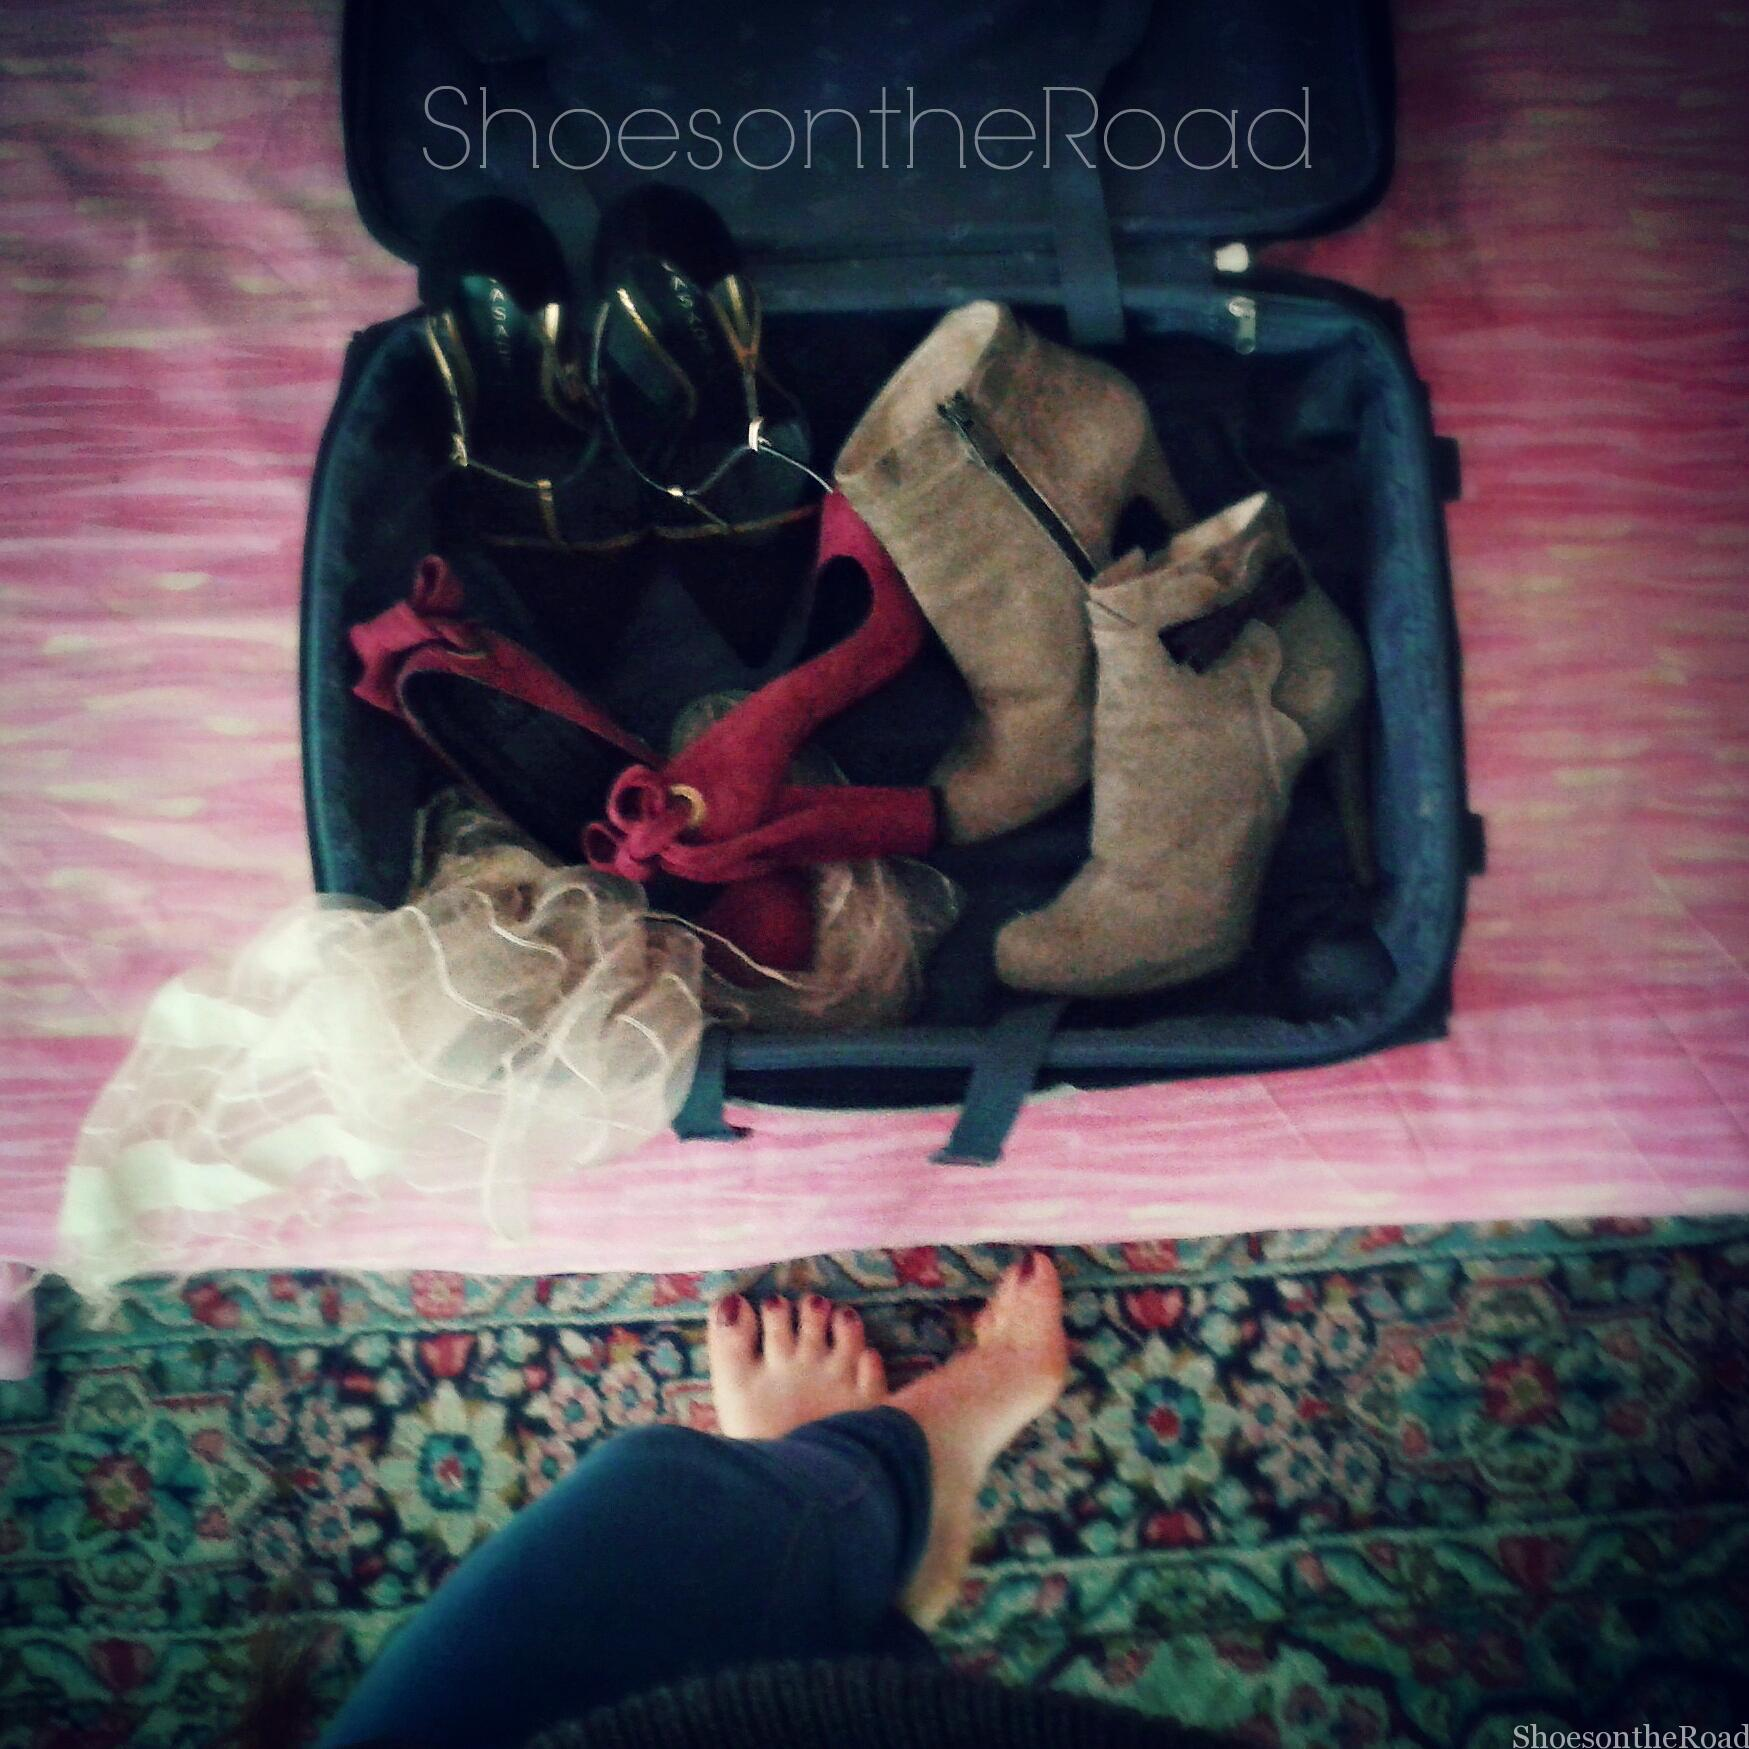 scarpe_shoesontheroad_scelta